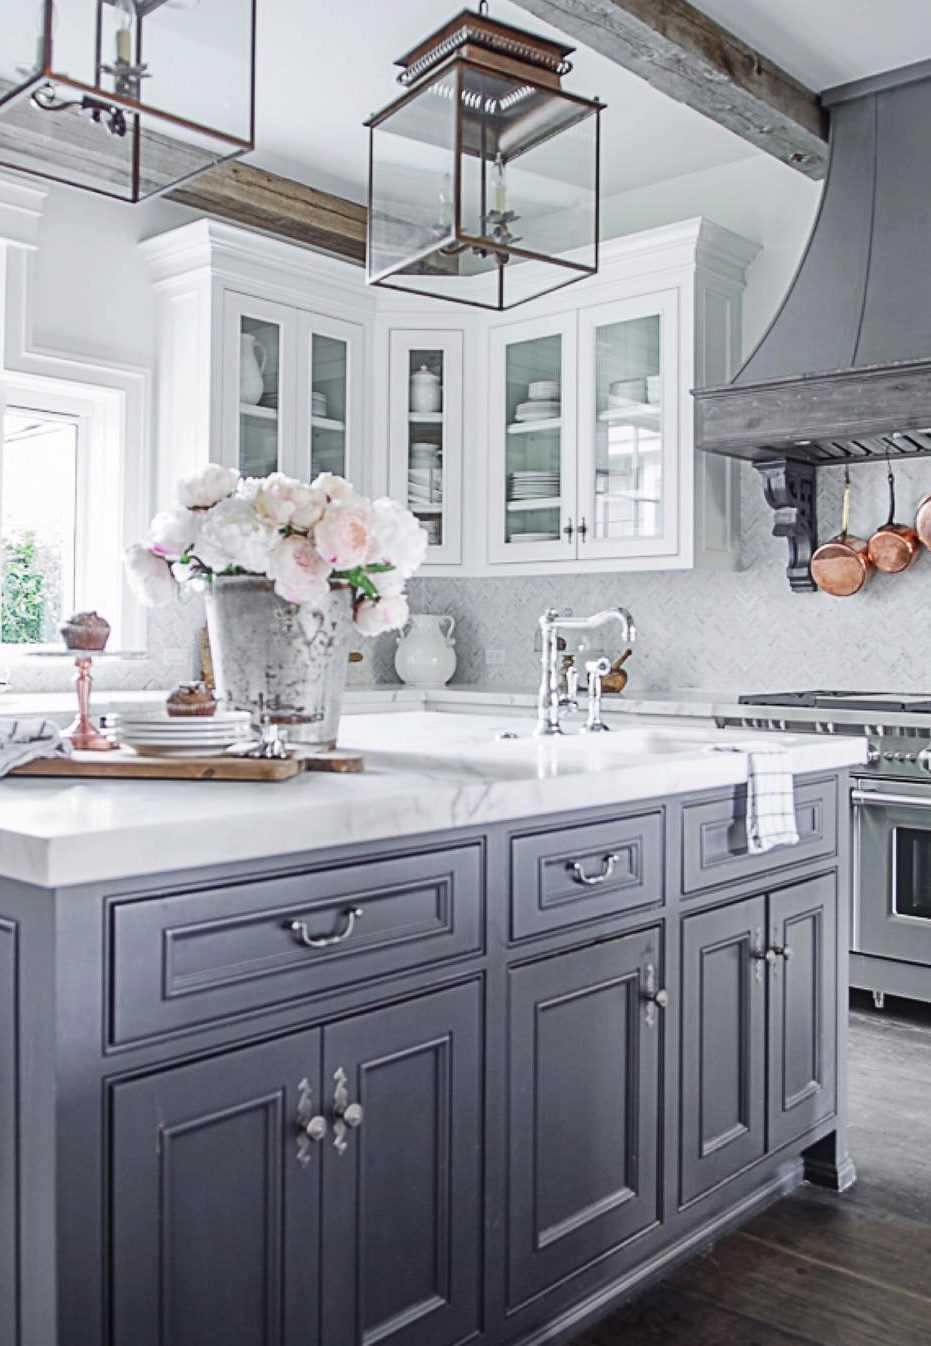 30 White Kitchen Design Ideas Modern Photos Page 14 Of 30 Women World Blog